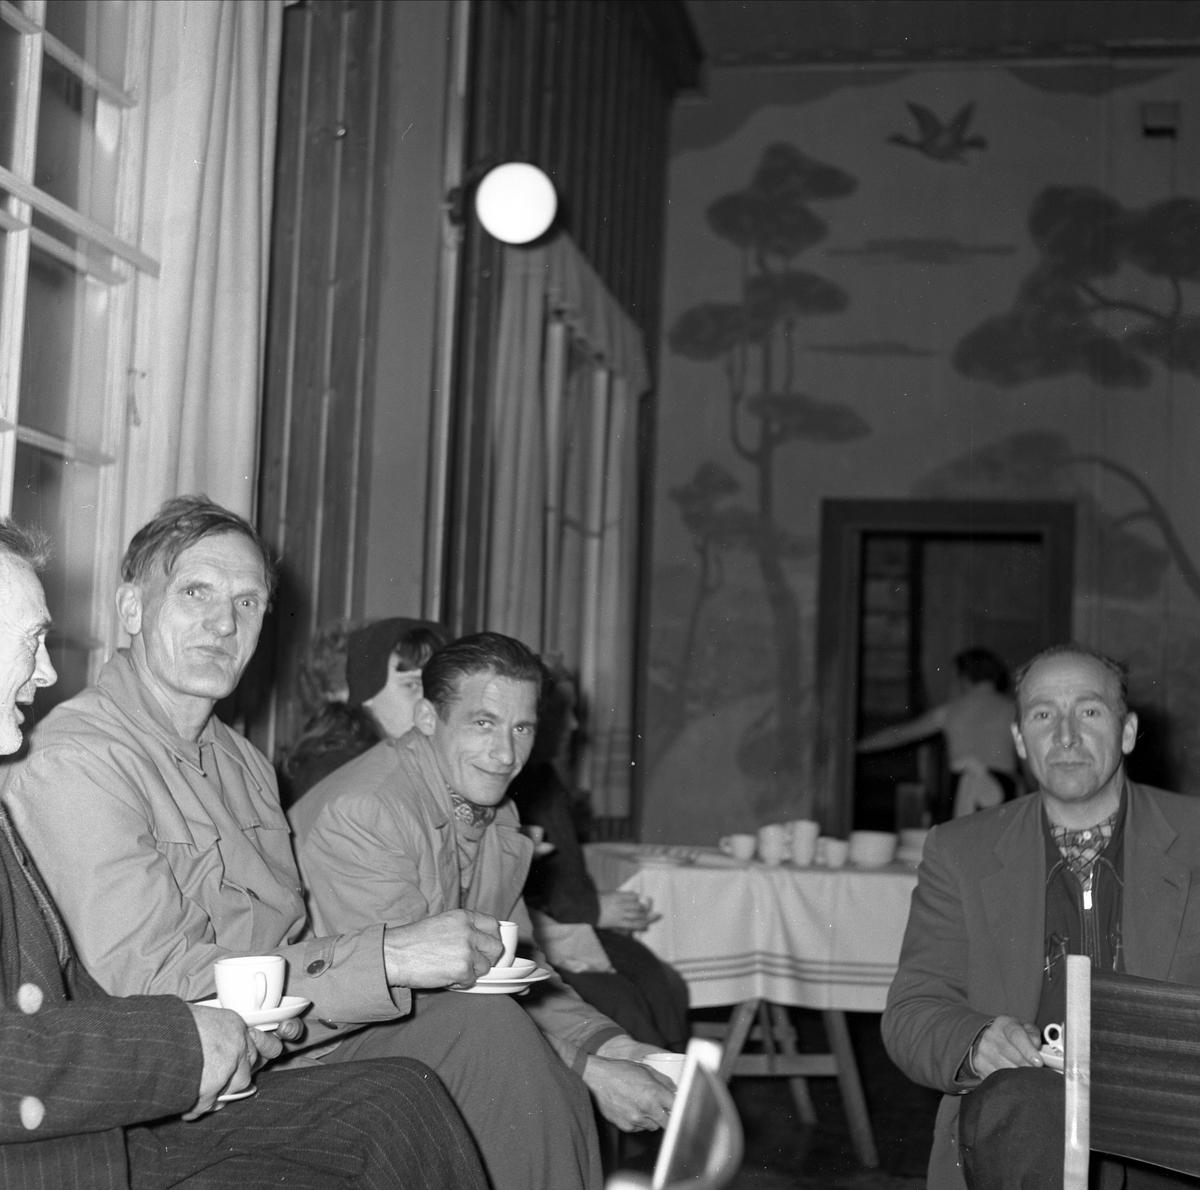 """REKLAMEMØTE, PÅ """"BØNSEN"""" BØNDERNES HUS I LØTEN, T. V. HELGE STORSVEEN, UKJENTE MENN, OKTOBER 1957."""